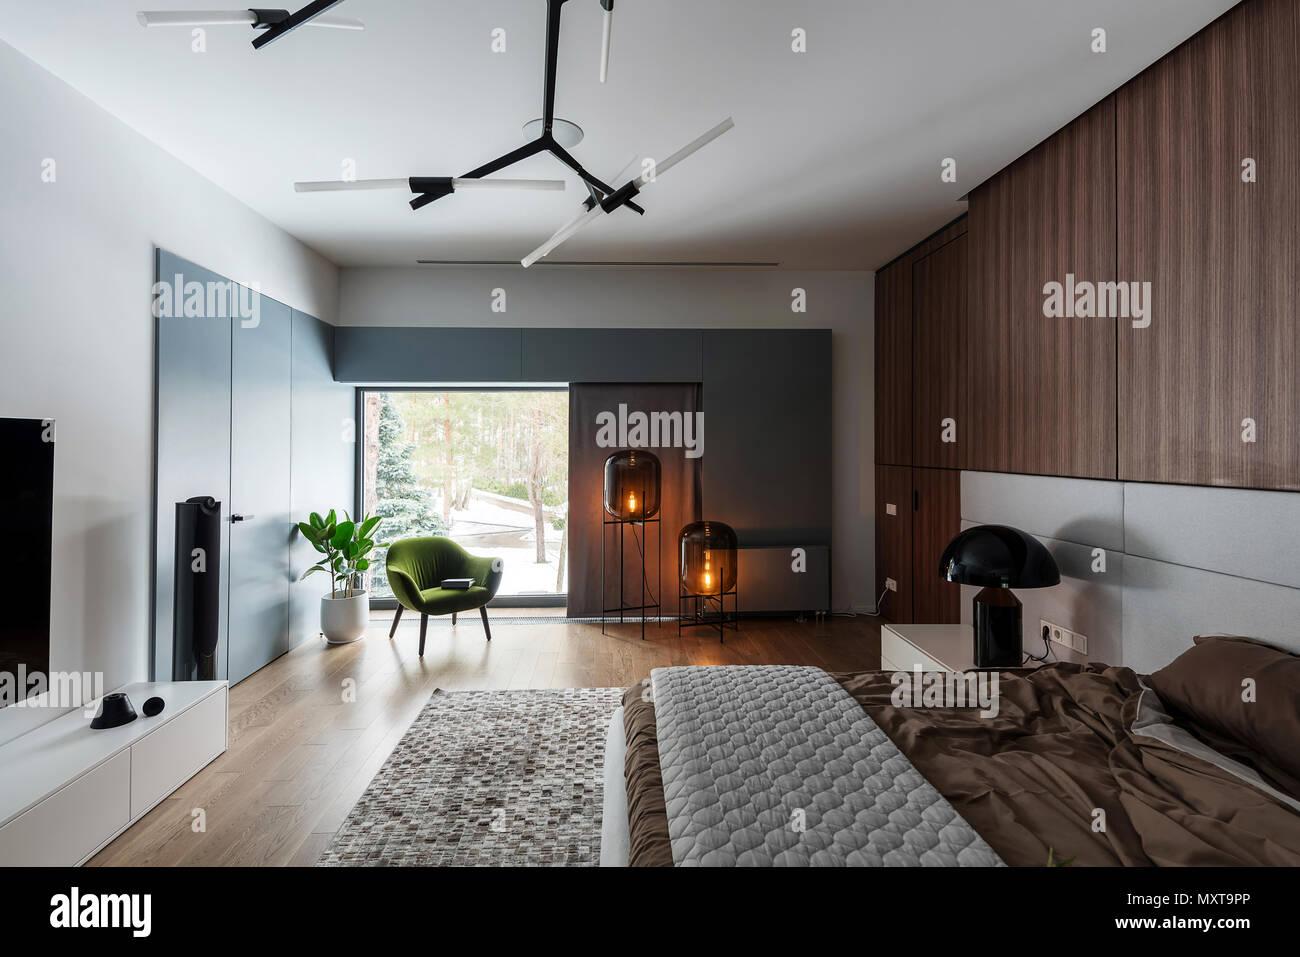 Camere Bianche E Grigie : Camere da letto moderne con pareti bianche e pavimenti in parquet